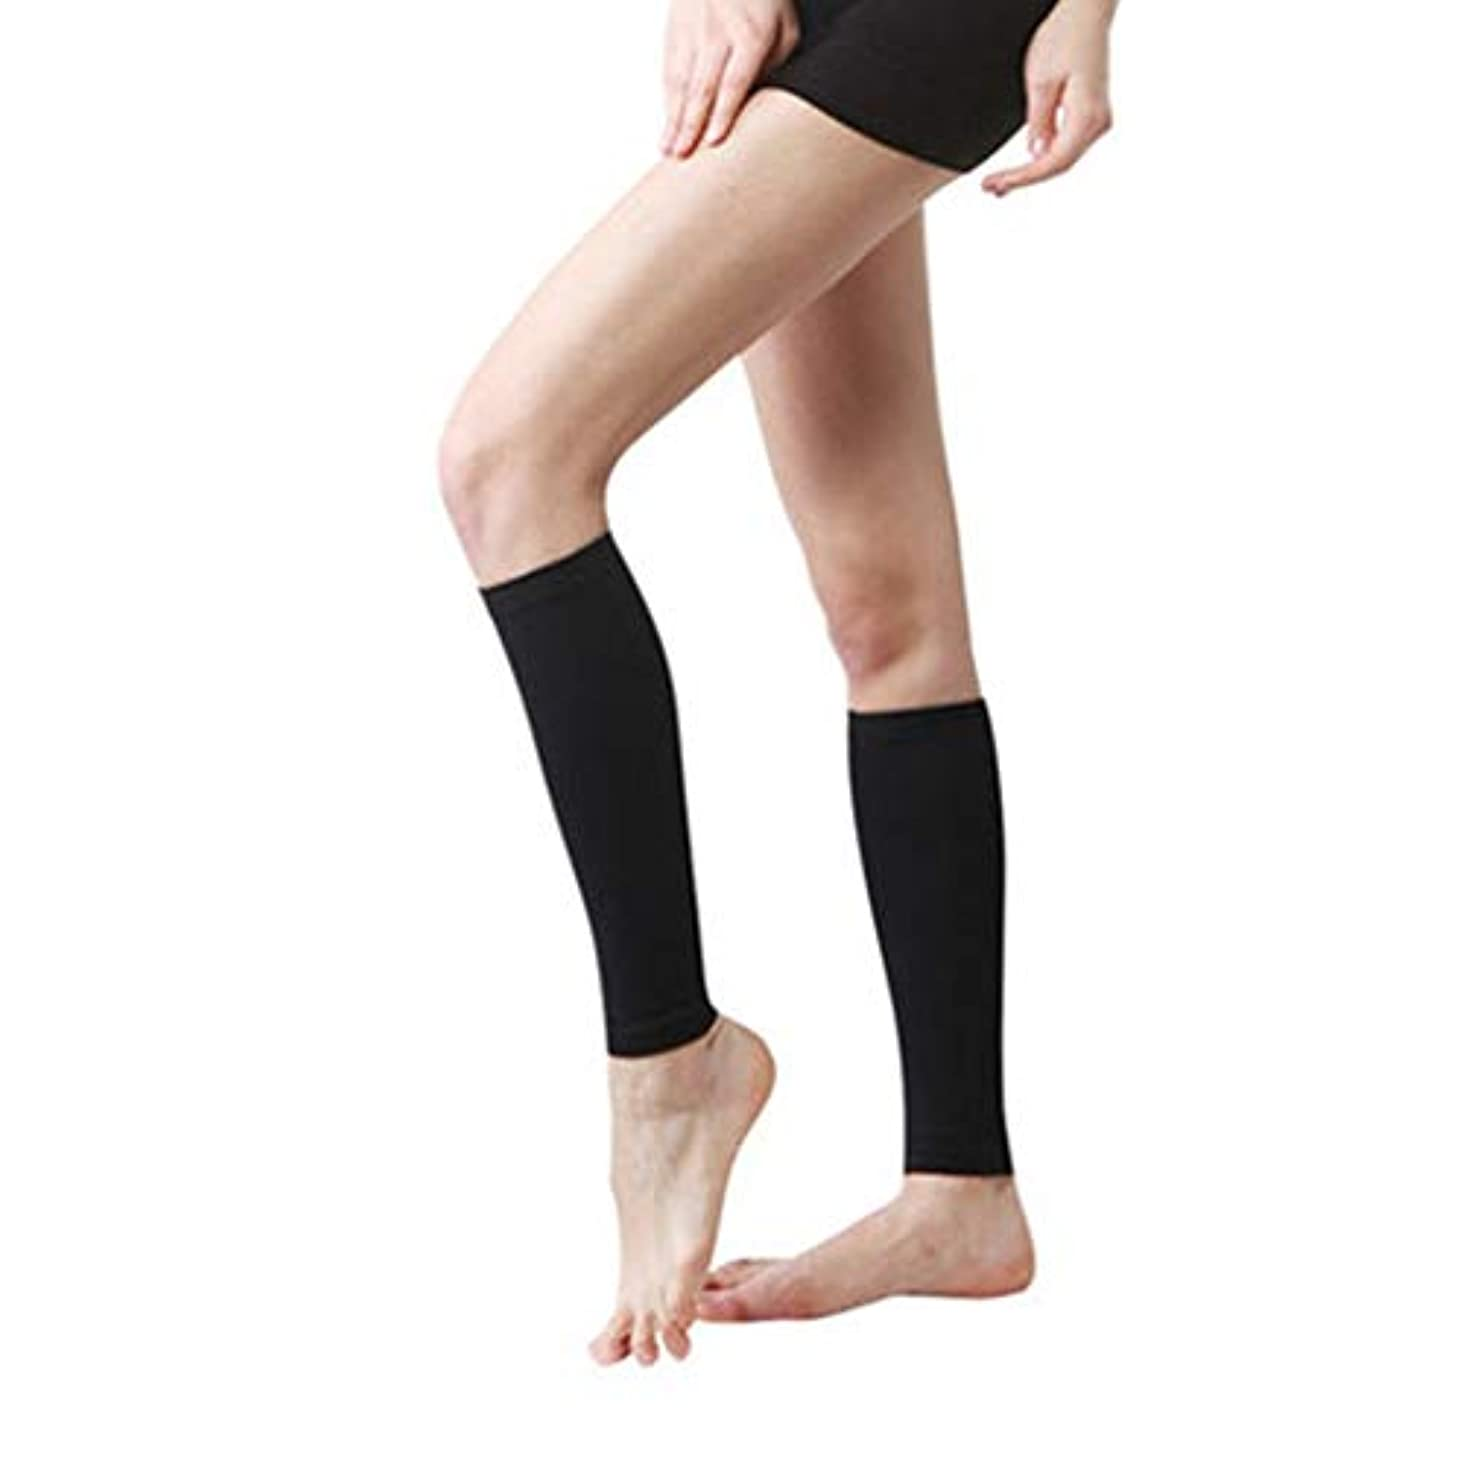 肉腫マスタード髄丈夫な男性女性プロの圧縮靴下通気性のある旅行活動看護師用シンススプリントフライトトラベル - ブラック